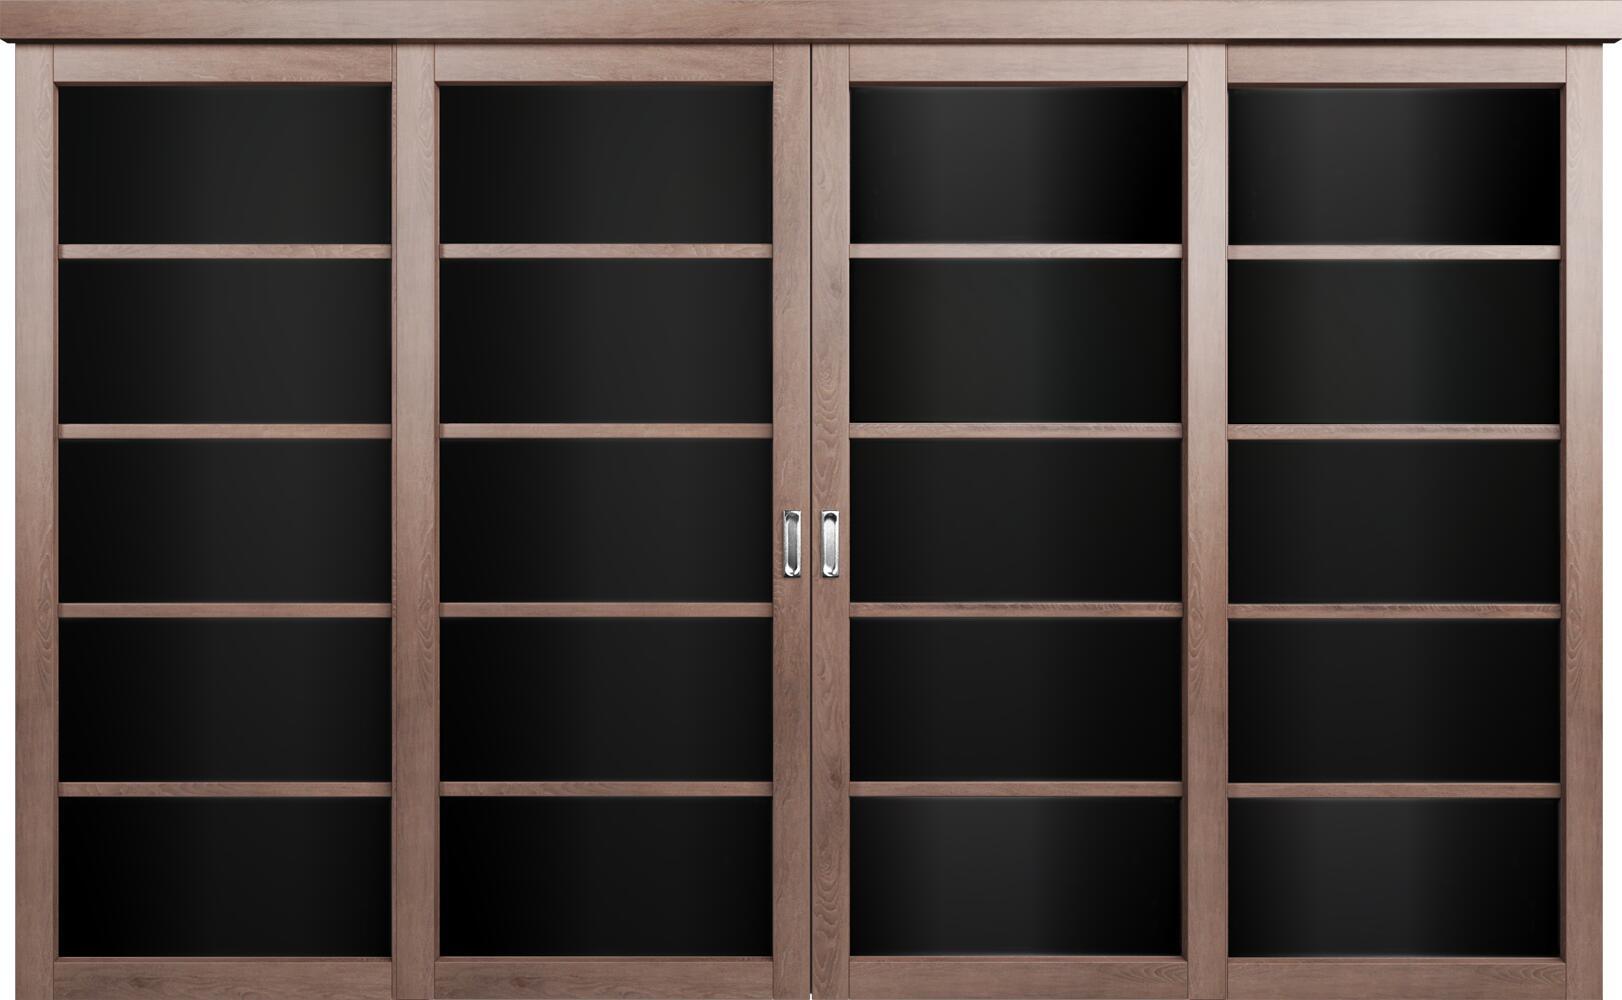 Коллекция Перегородки Двухполосная раздвижная система для 4-х полотен. Тип 1 Дуб капучино + Триплекс черный